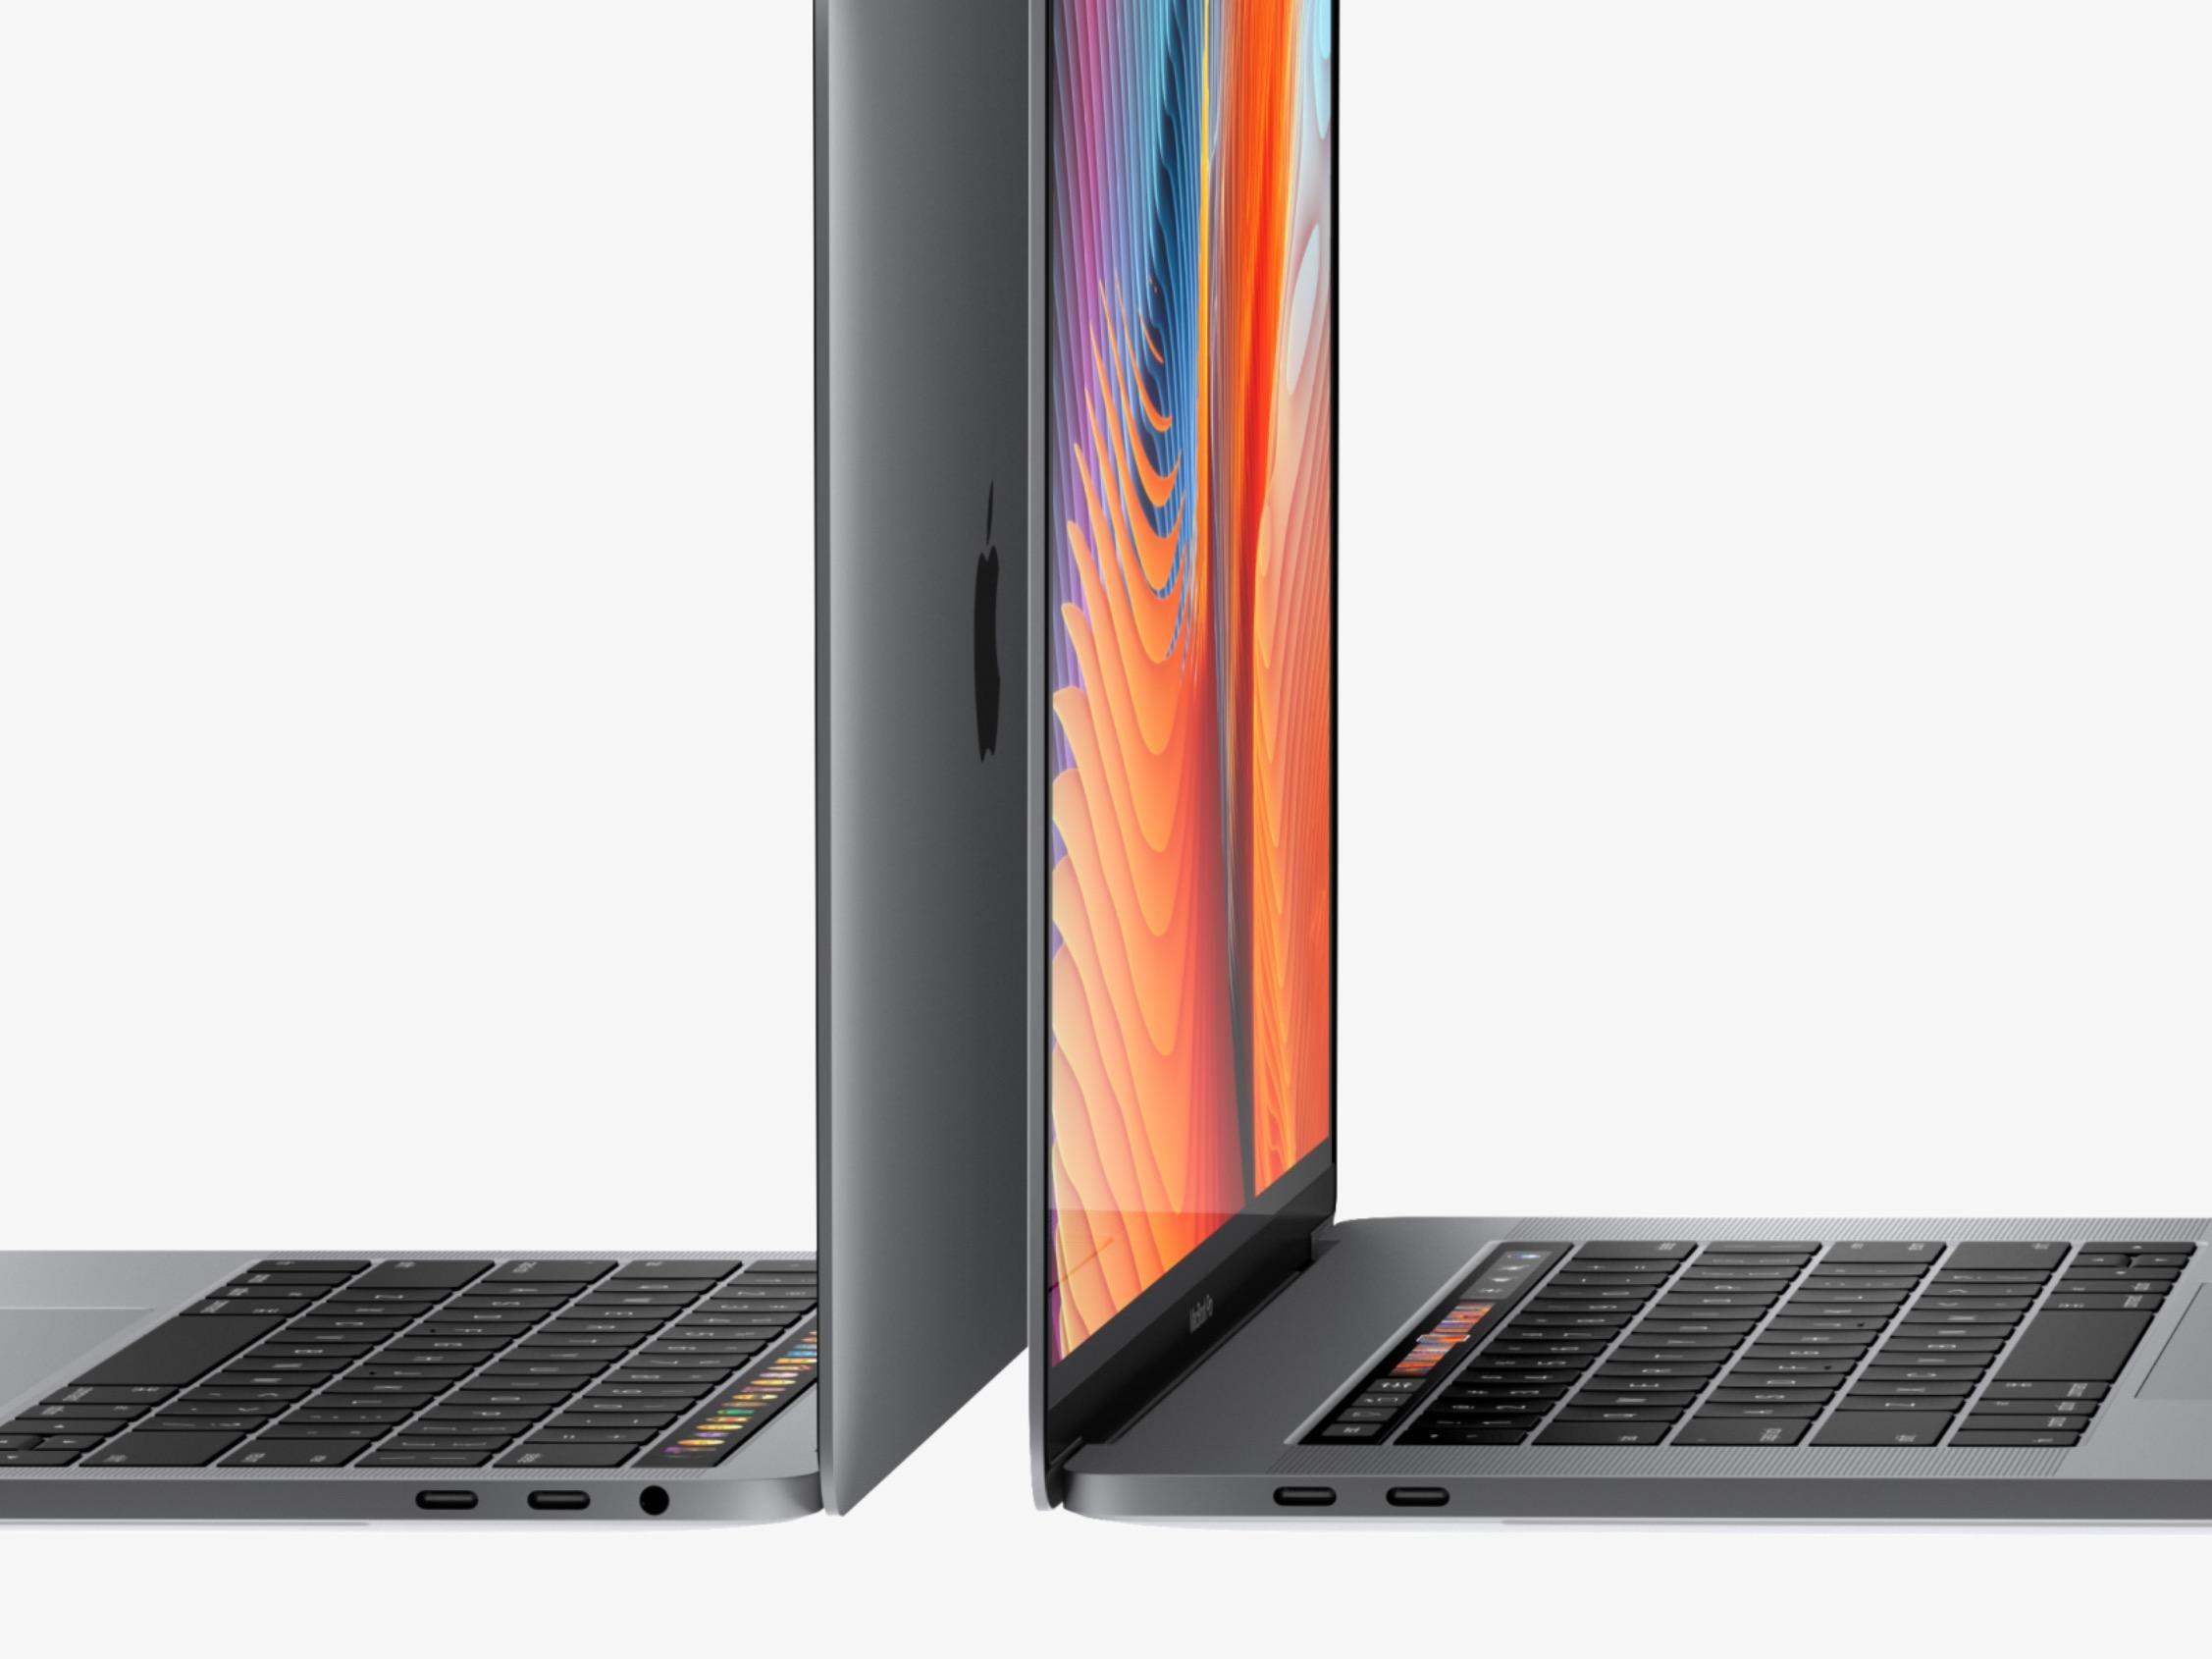 Apple tilbakeviser at de har gjort noe for å forbedre batterilevetiden i MacOS 10.12.2.